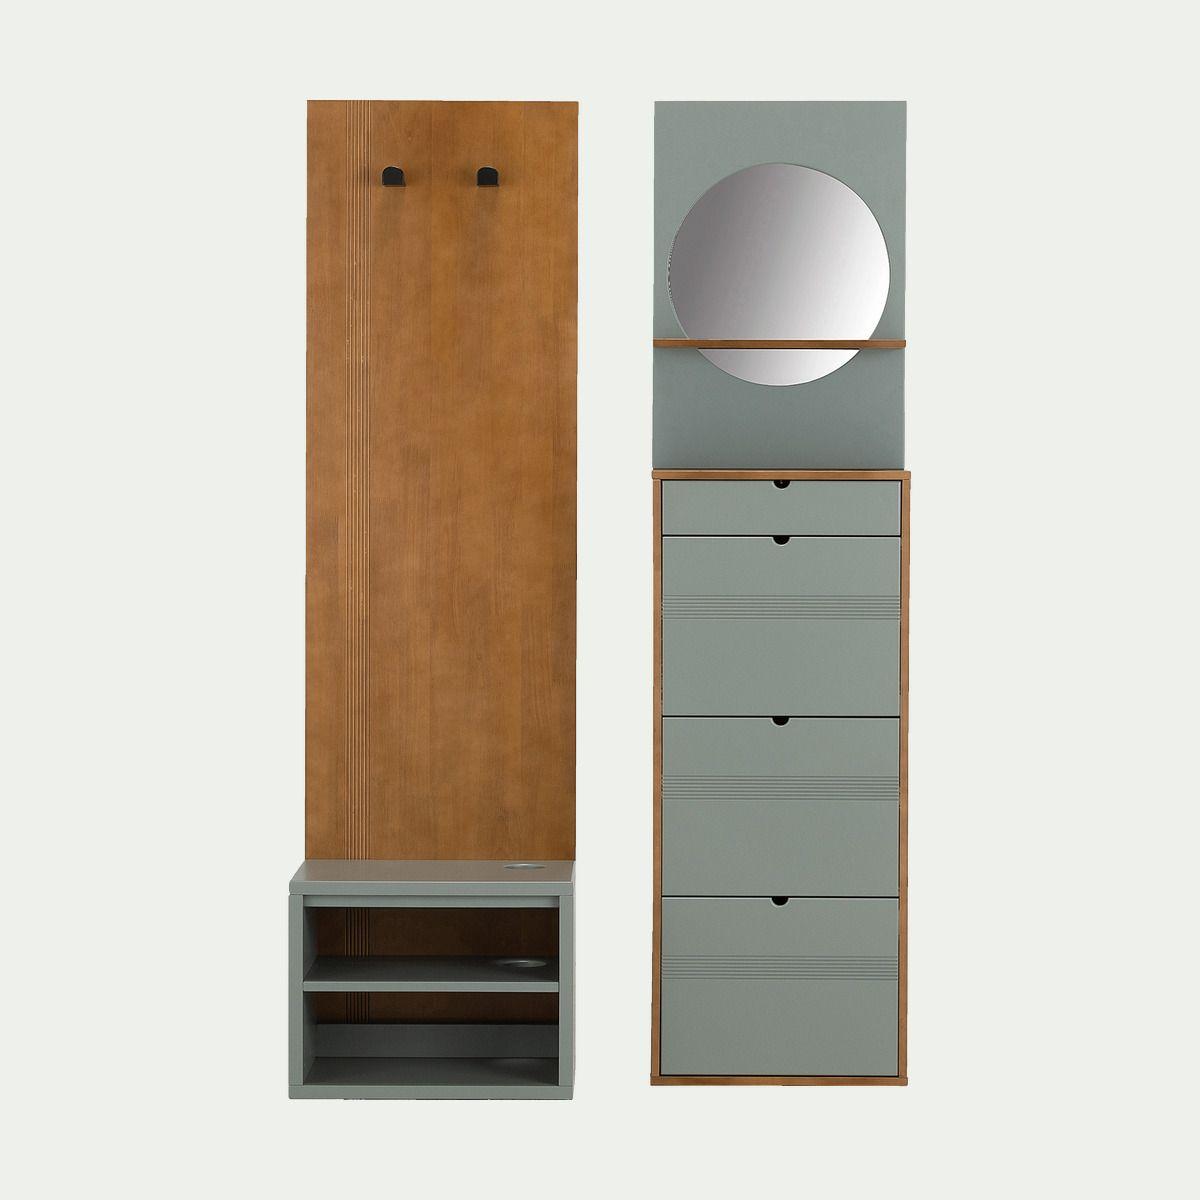 Petit Meuble Range Tout fonctionnalité extrêmement pratique, ce magnifique meuble d